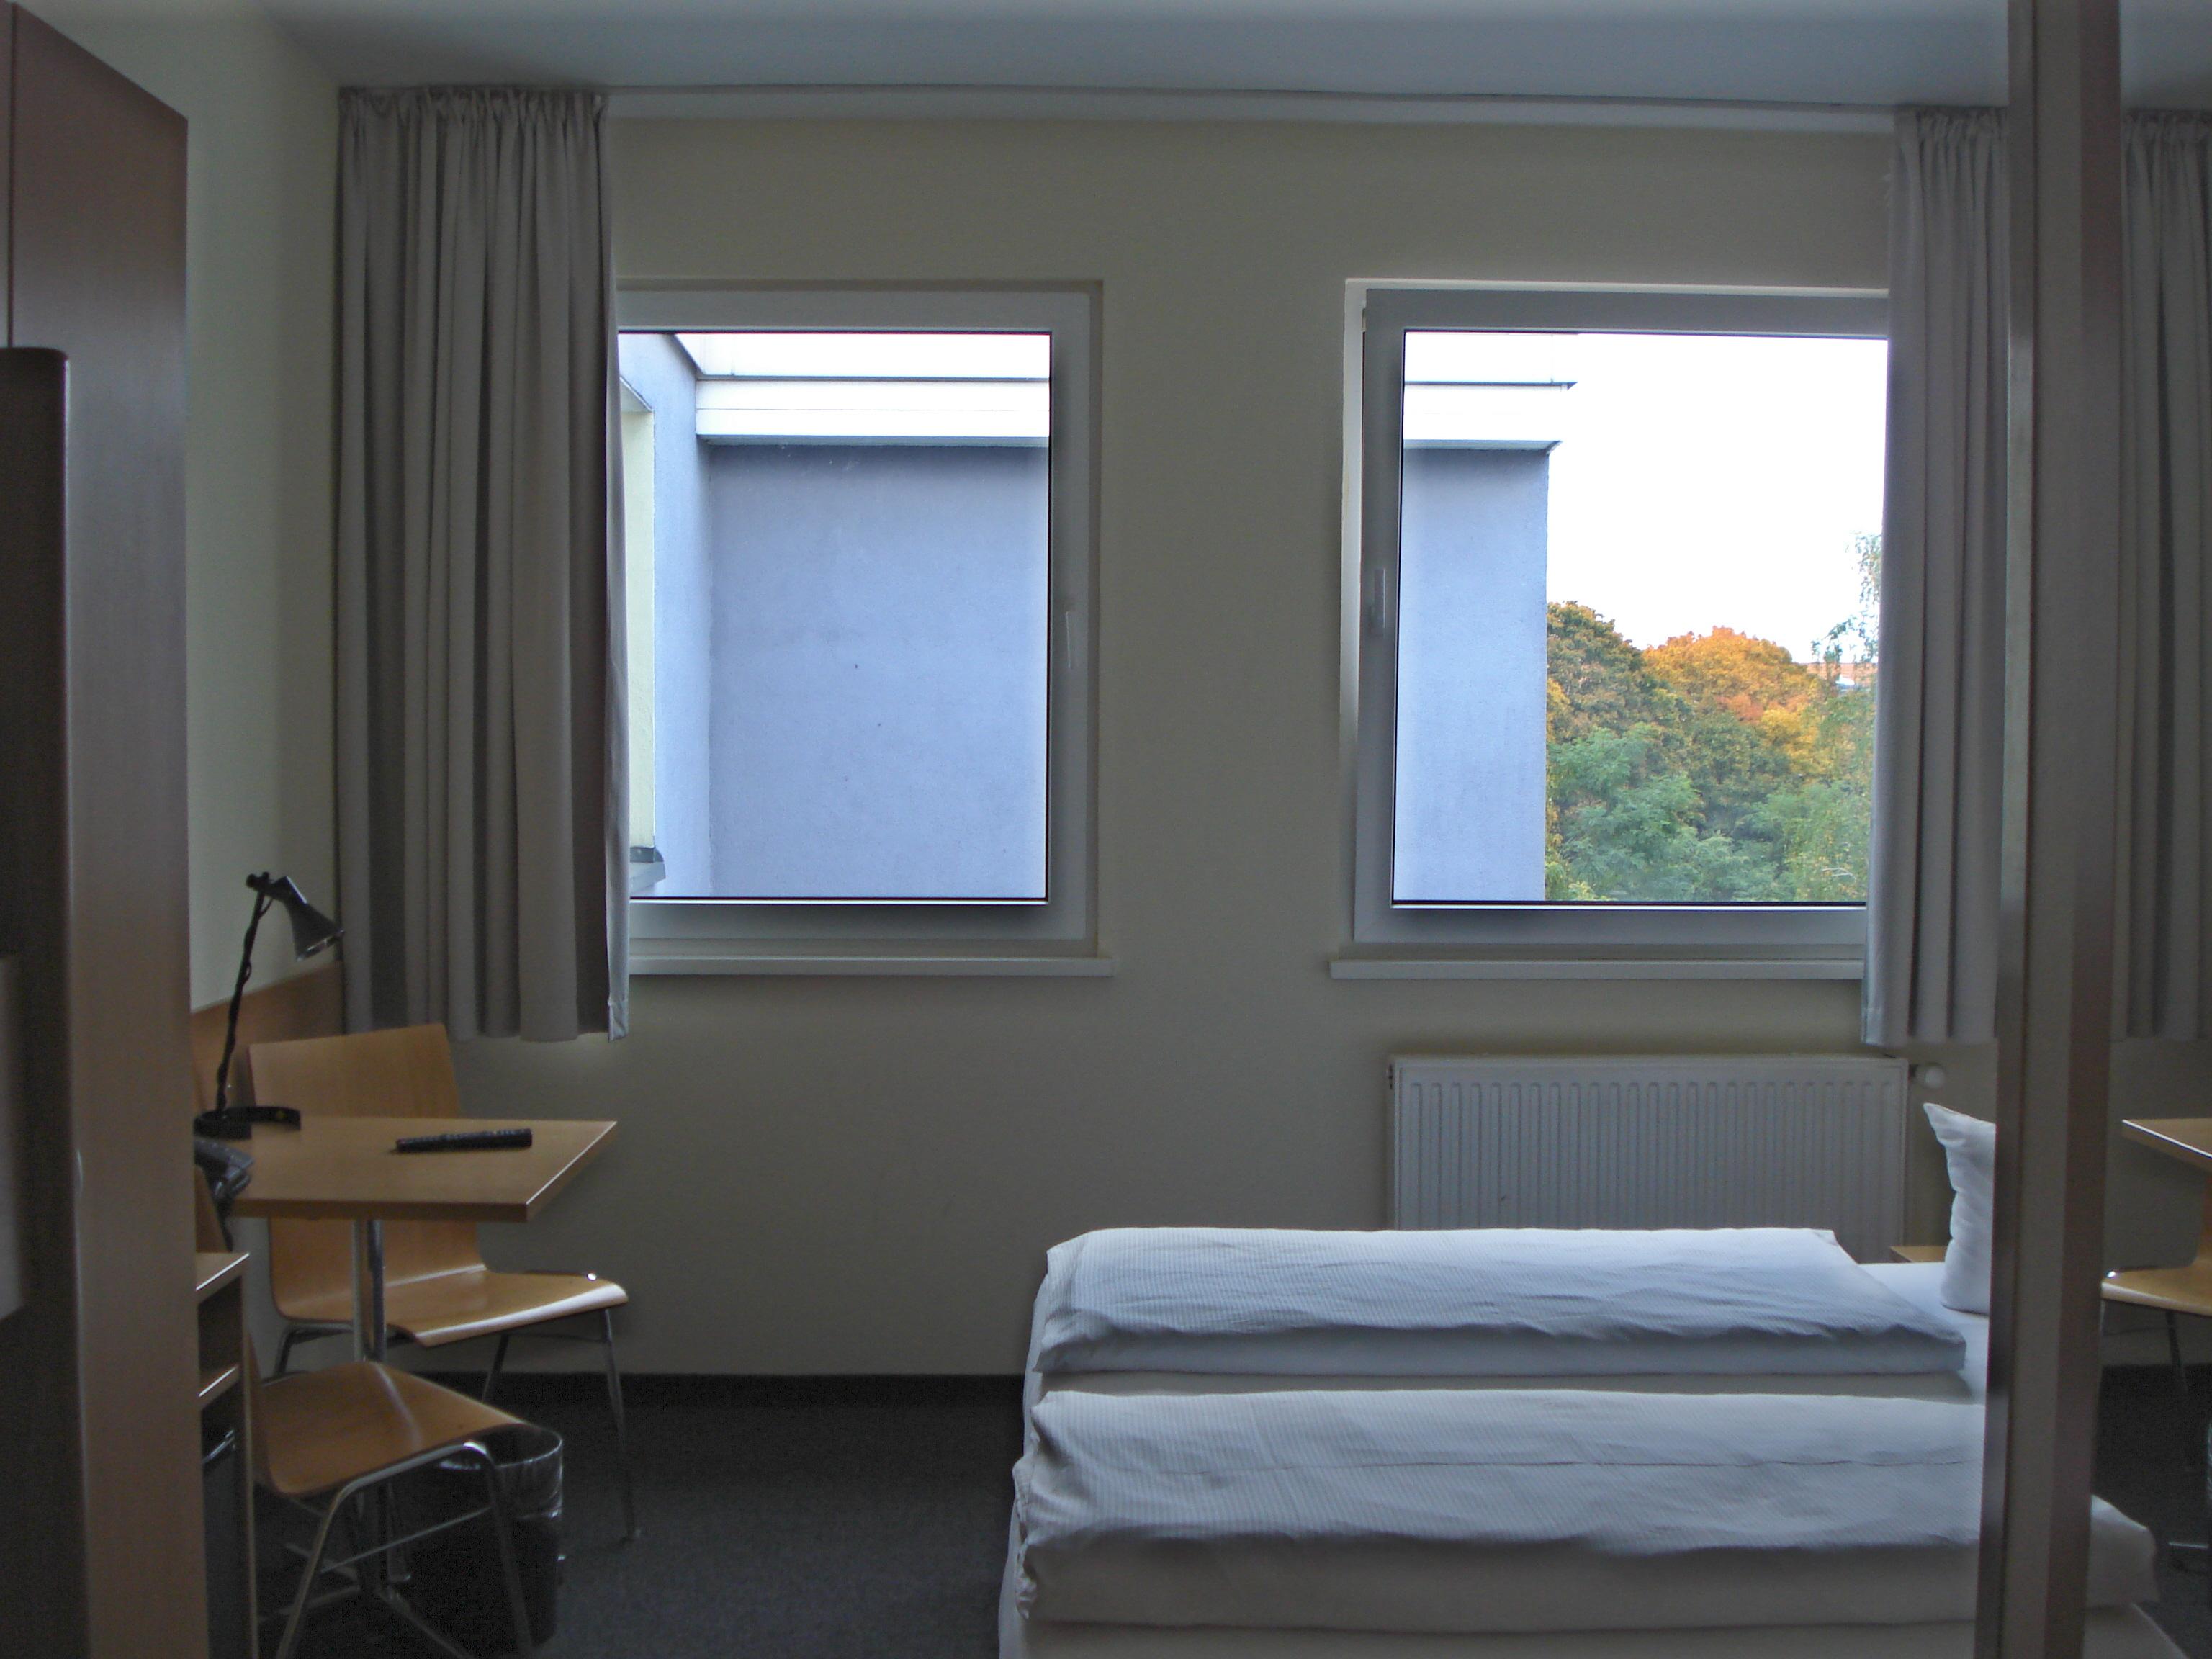 Citylight Hotel 13357 Berlin Gesundbrunnen Offnungszeiten